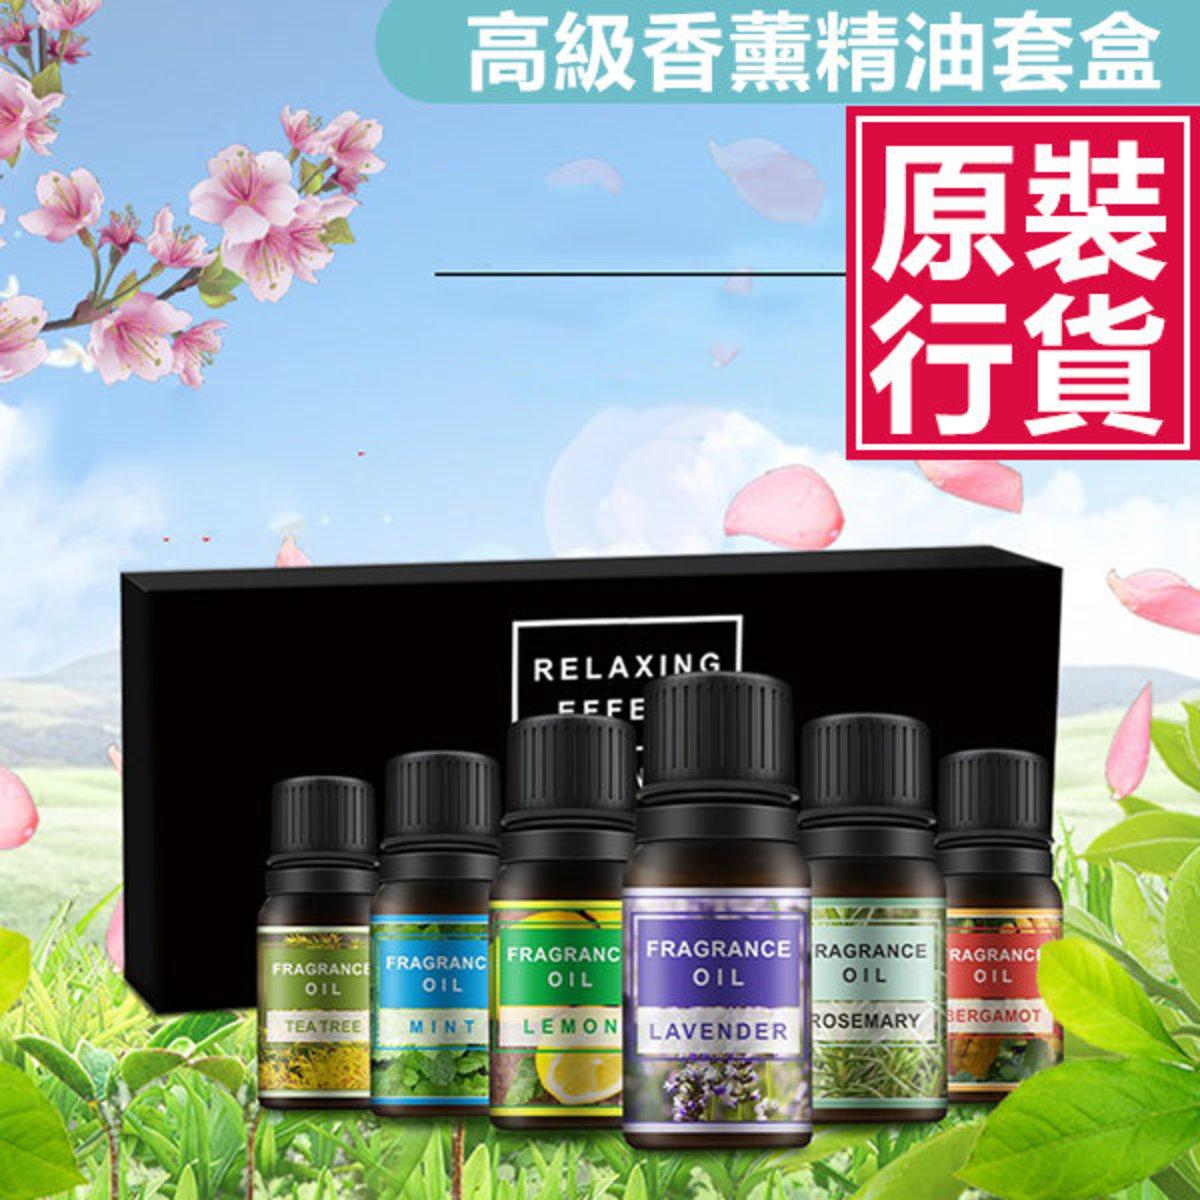 高級香薰精油套盒(6支裝6種香味)